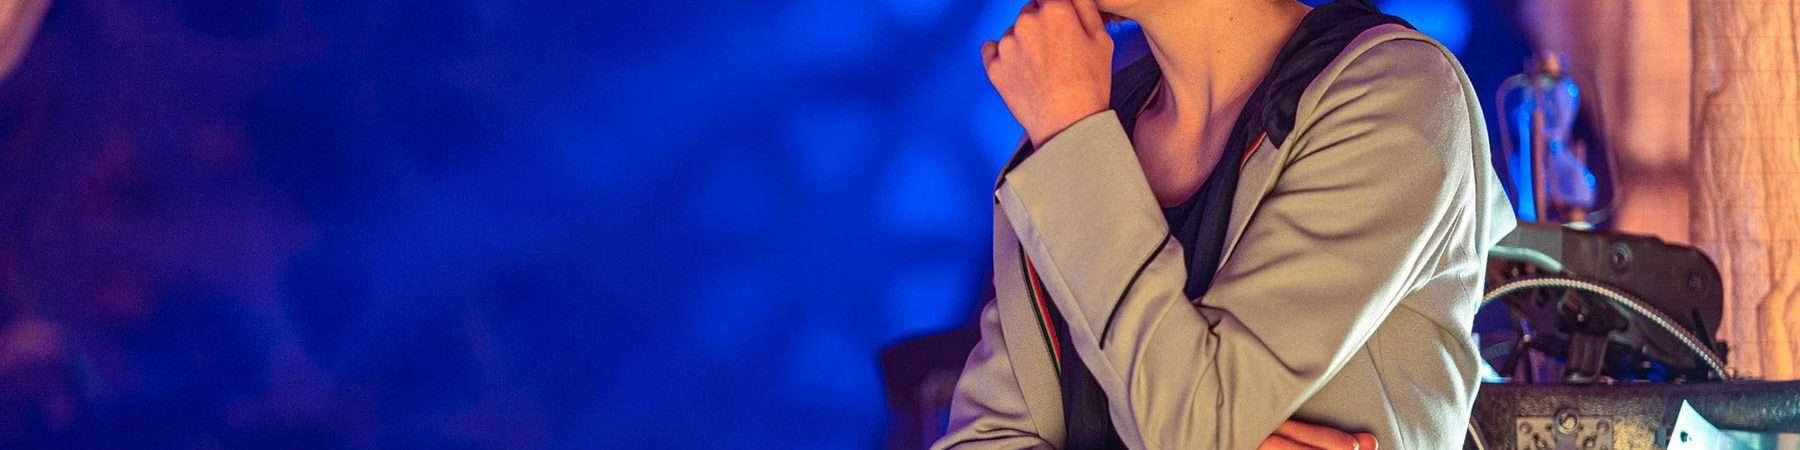 A atriz Jodie Whittaker caracterizada como Doctor aparece em foto com a mão no queijo e olhar pensativo.